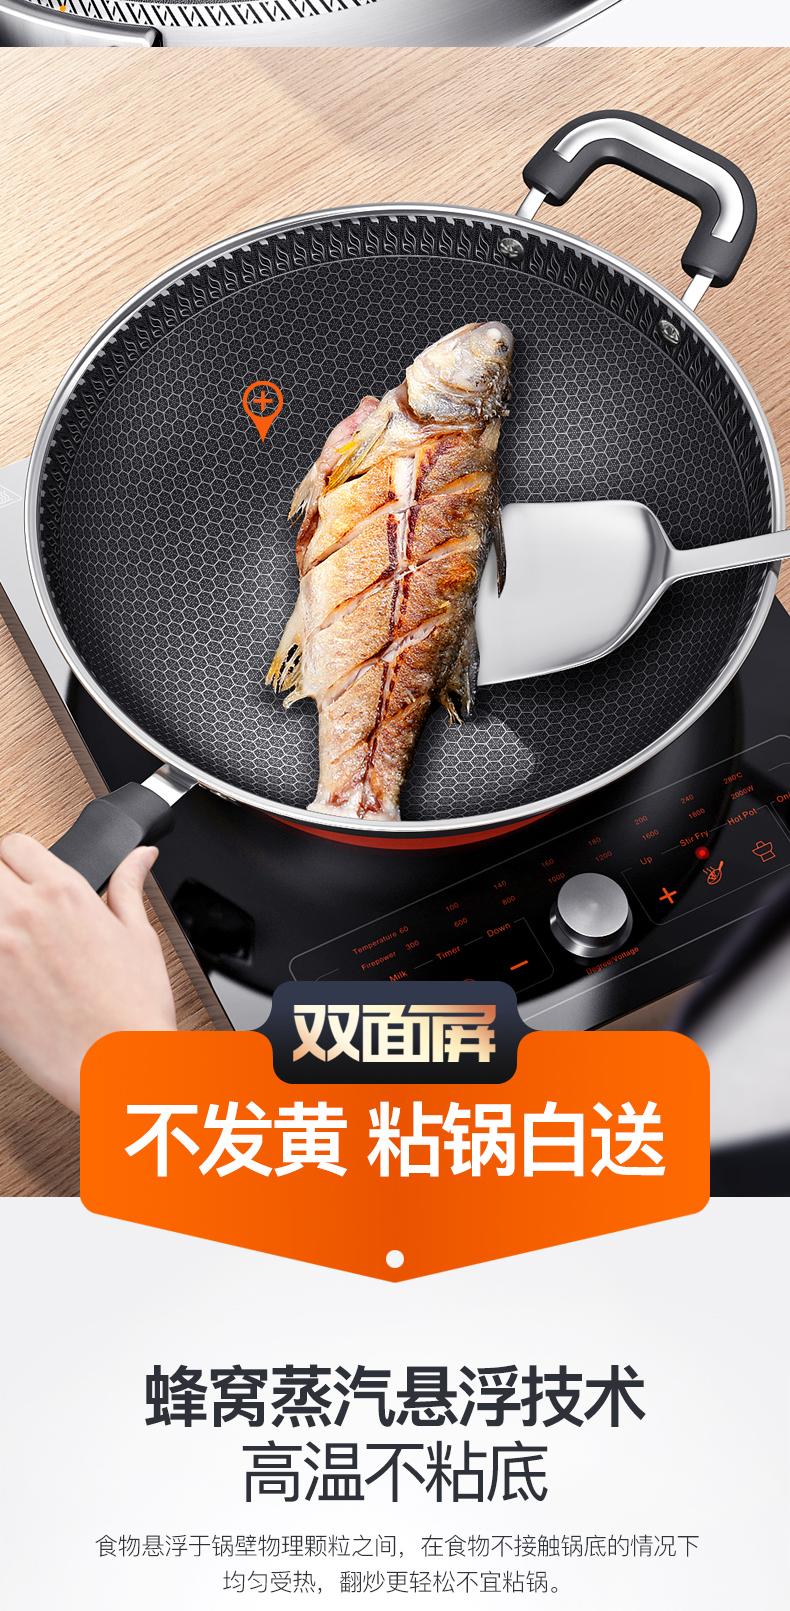 炊尚 316不锈钢 全面屏蜂巢不粘炒锅 图7